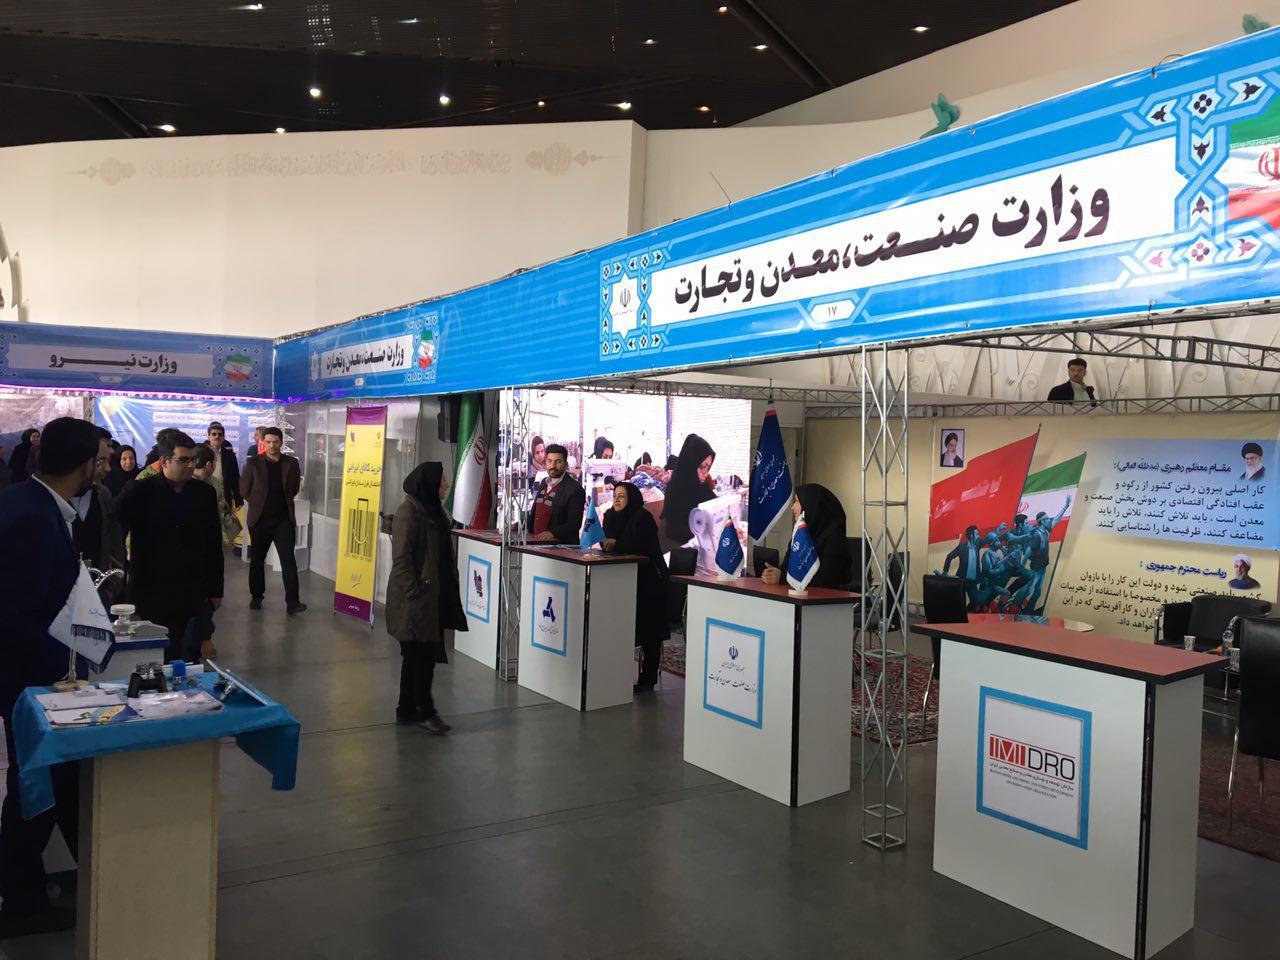 نمایش دستاوردهای جمهوری اسلامی در حوزه تولید و تجارت